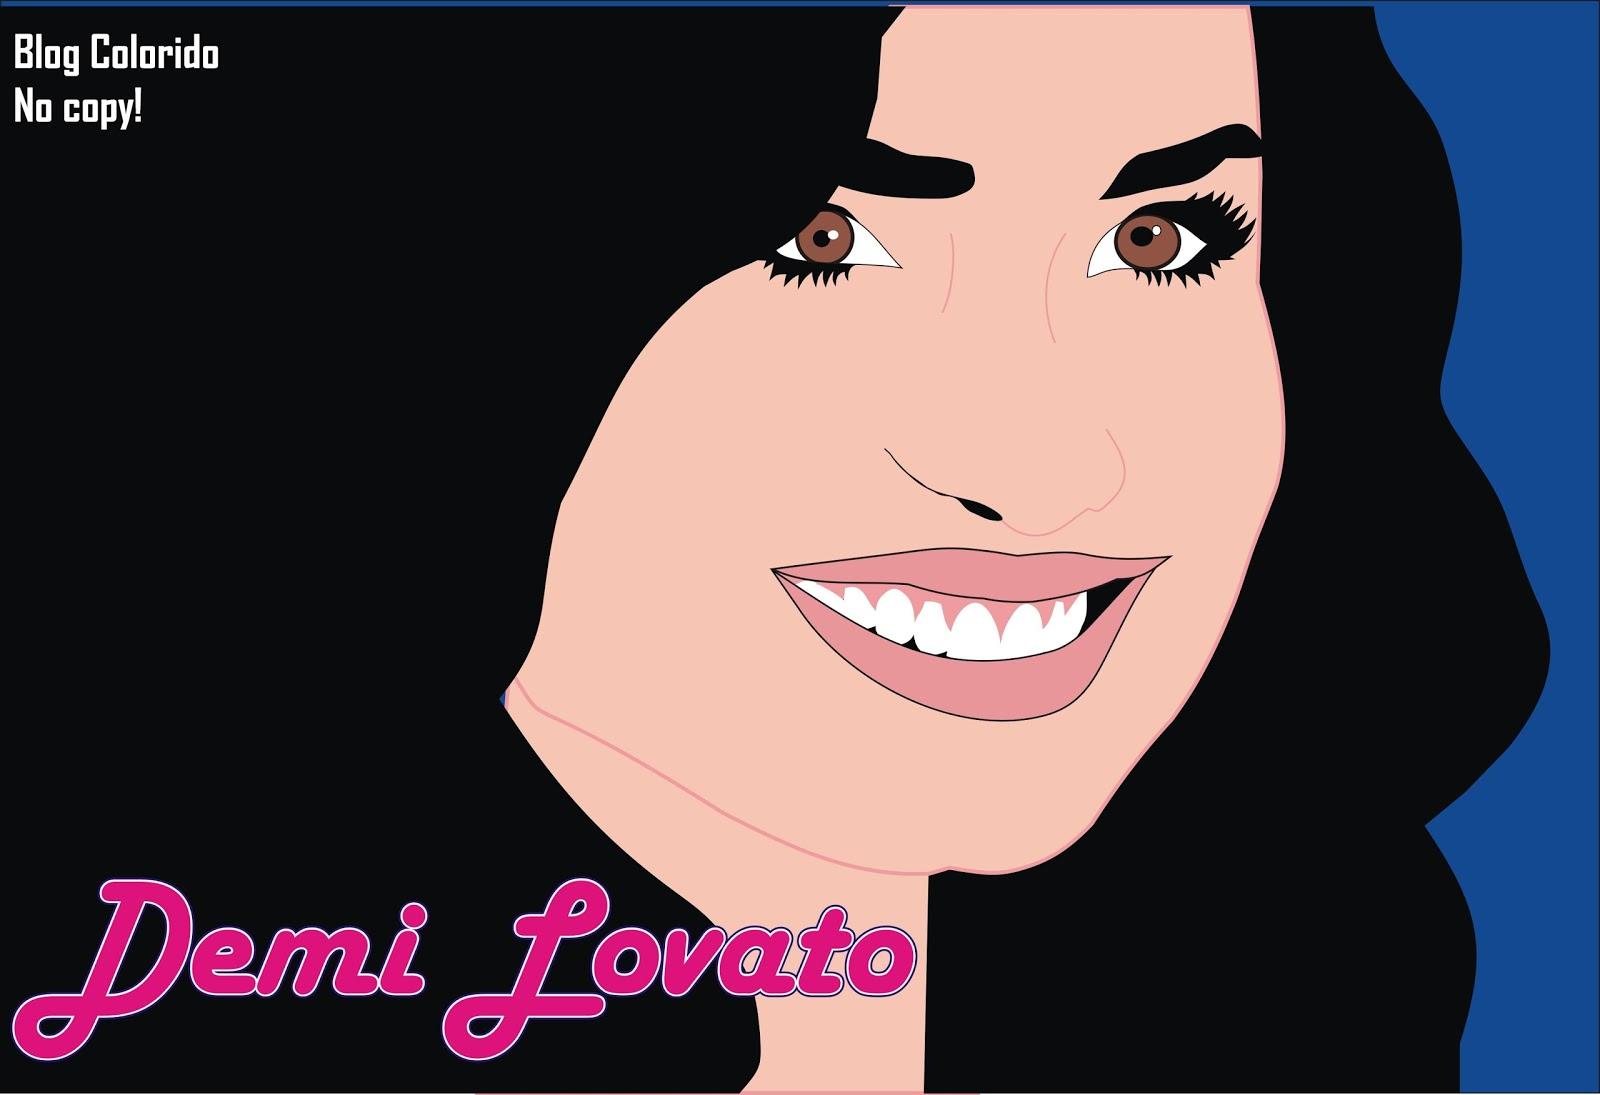 http://3.bp.blogspot.com/_yxxEf78ZTTQ/TMtGqKAJZvI/AAAAAAAAABw/X0ii2kEqsvc/s1600/Demi.jpg